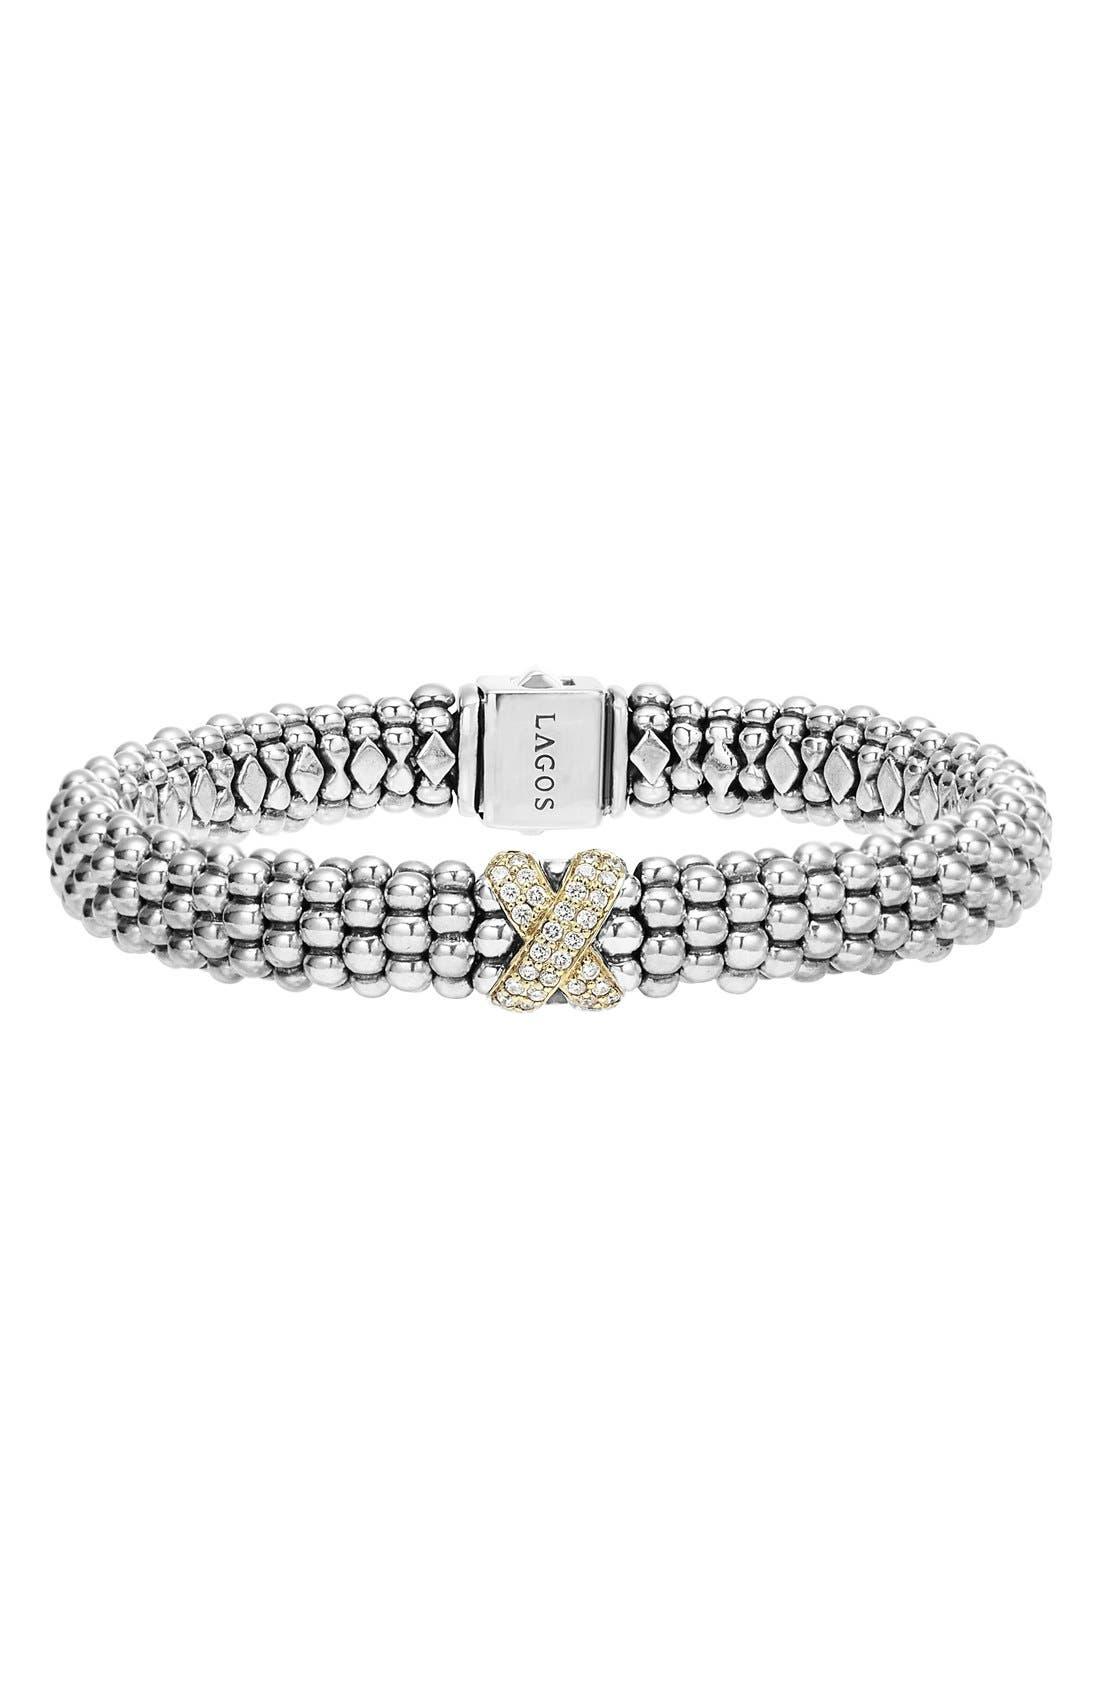 Main Image - LAGOS 'Caviar' Gold Diamond Rope Bracelet